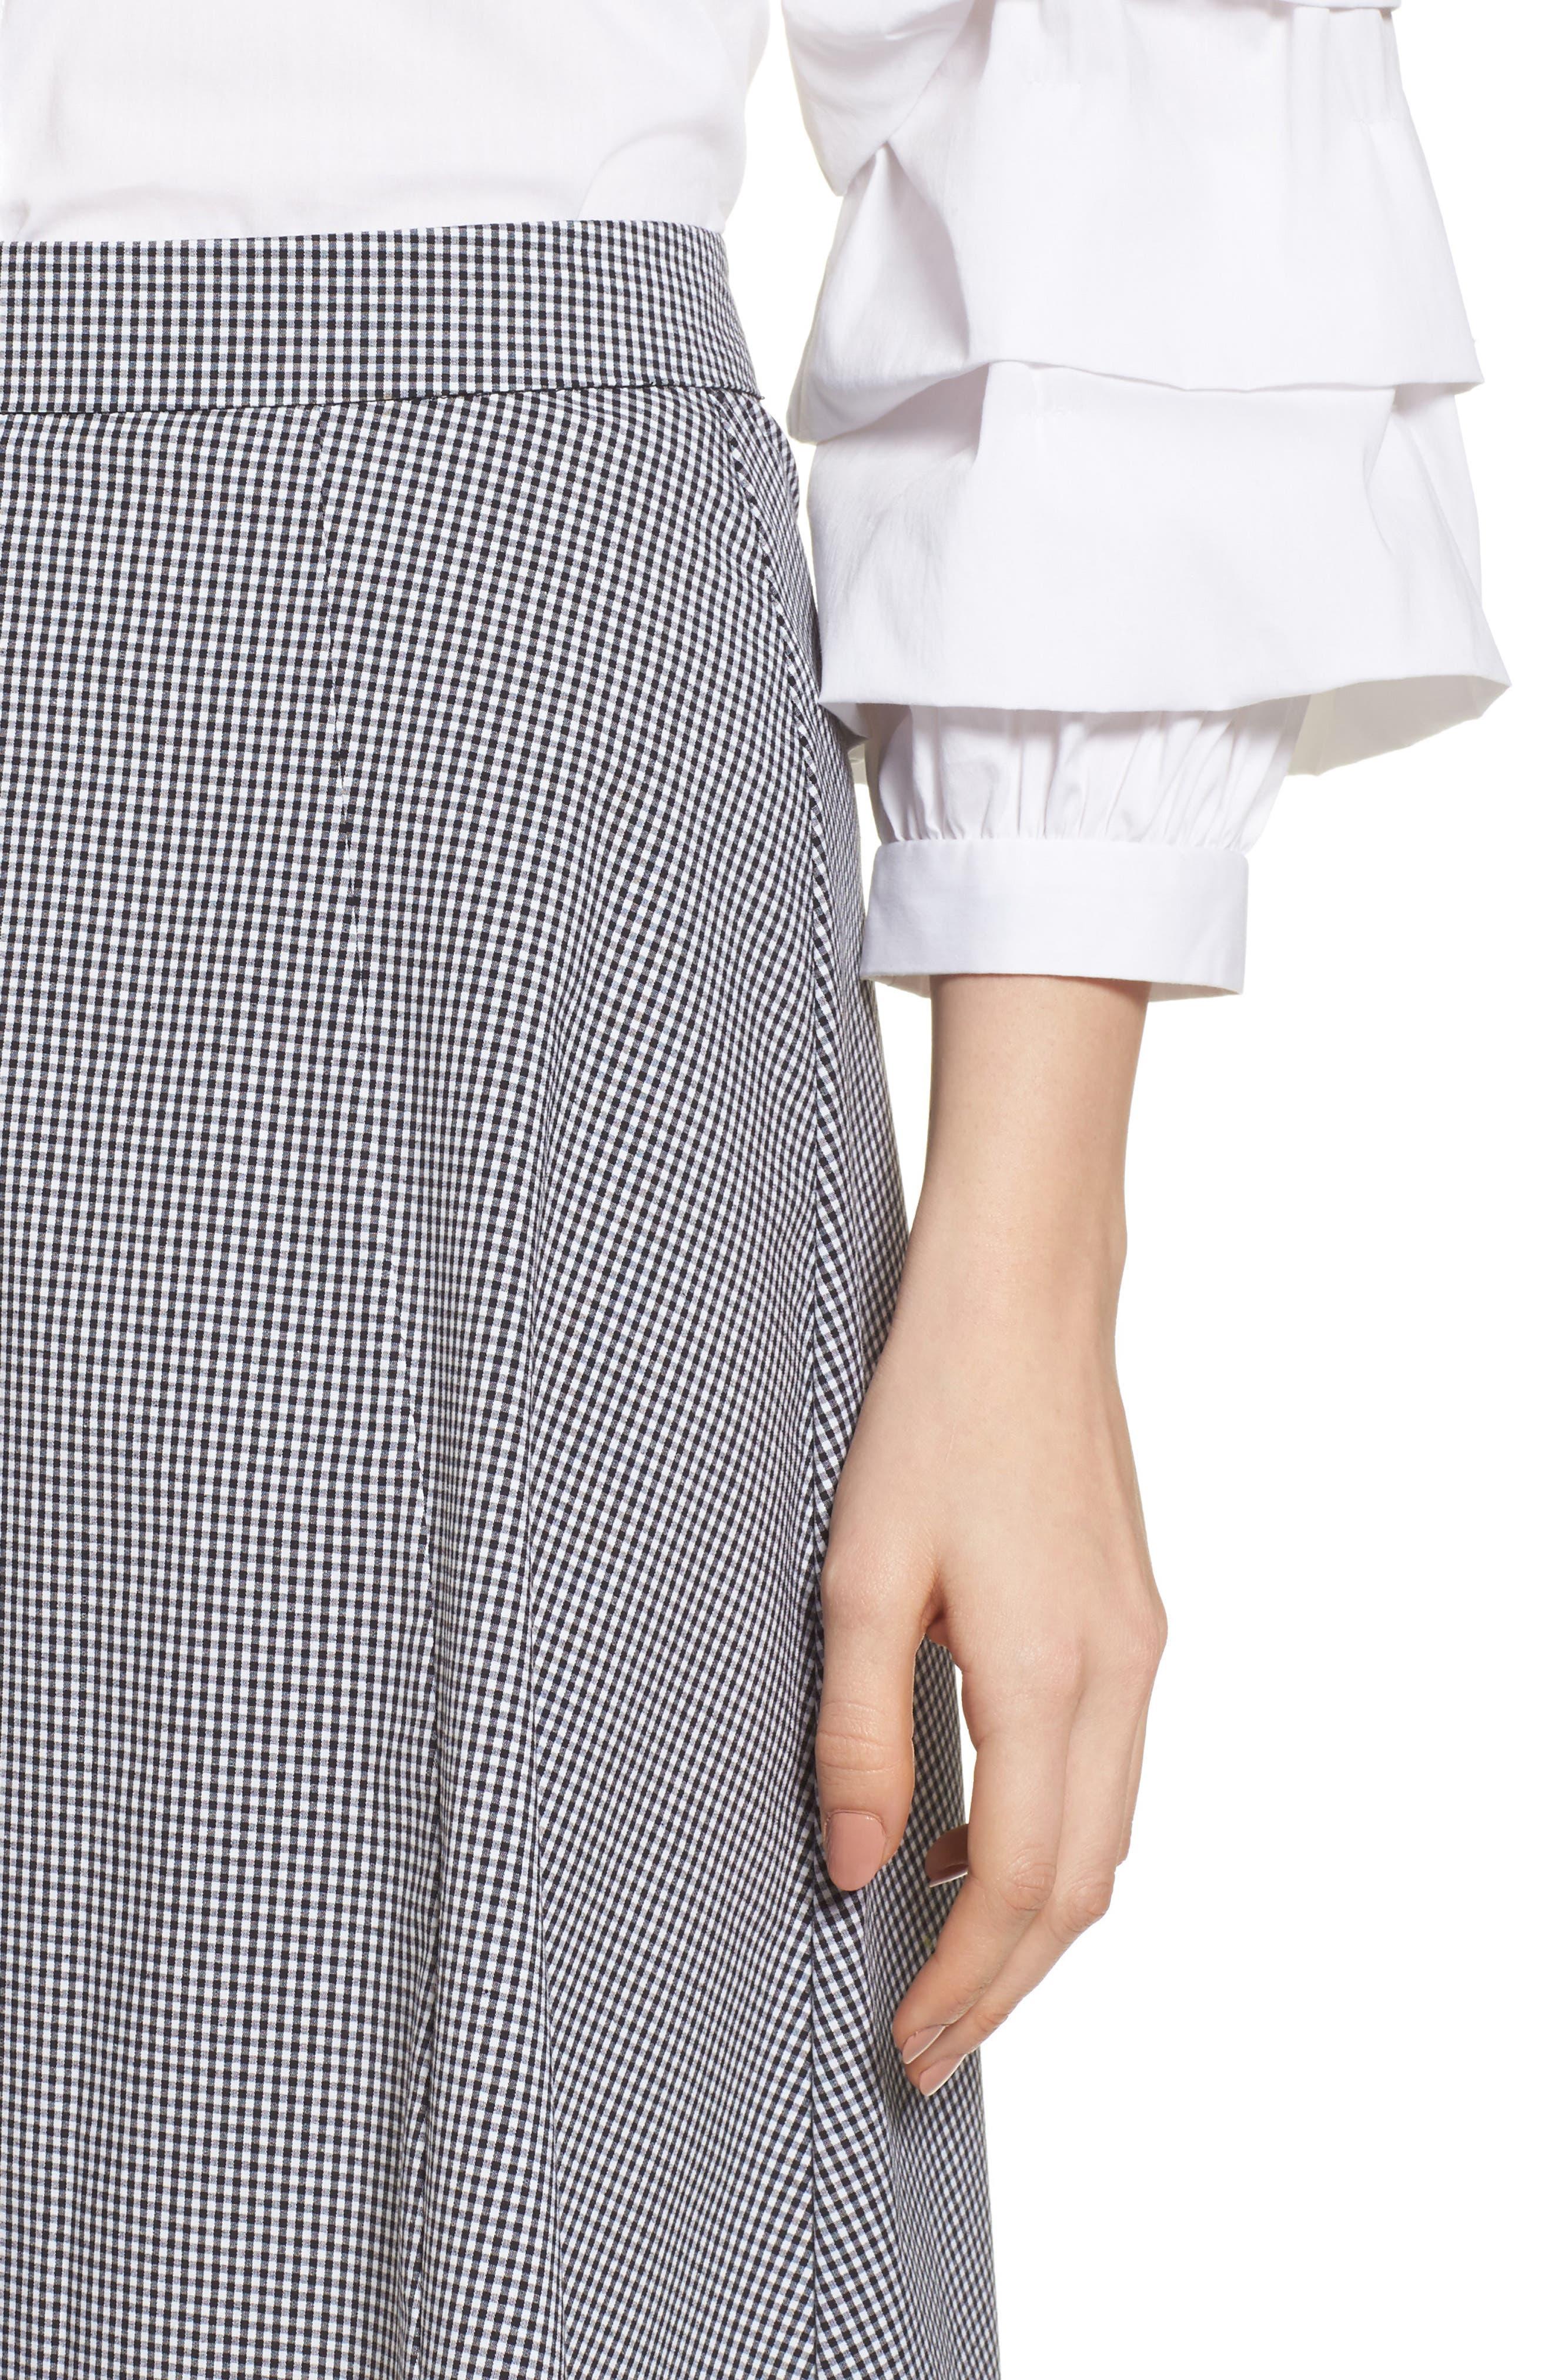 Gingham A-Line Skirt,                             Alternate thumbnail 4, color,                             Black/ White